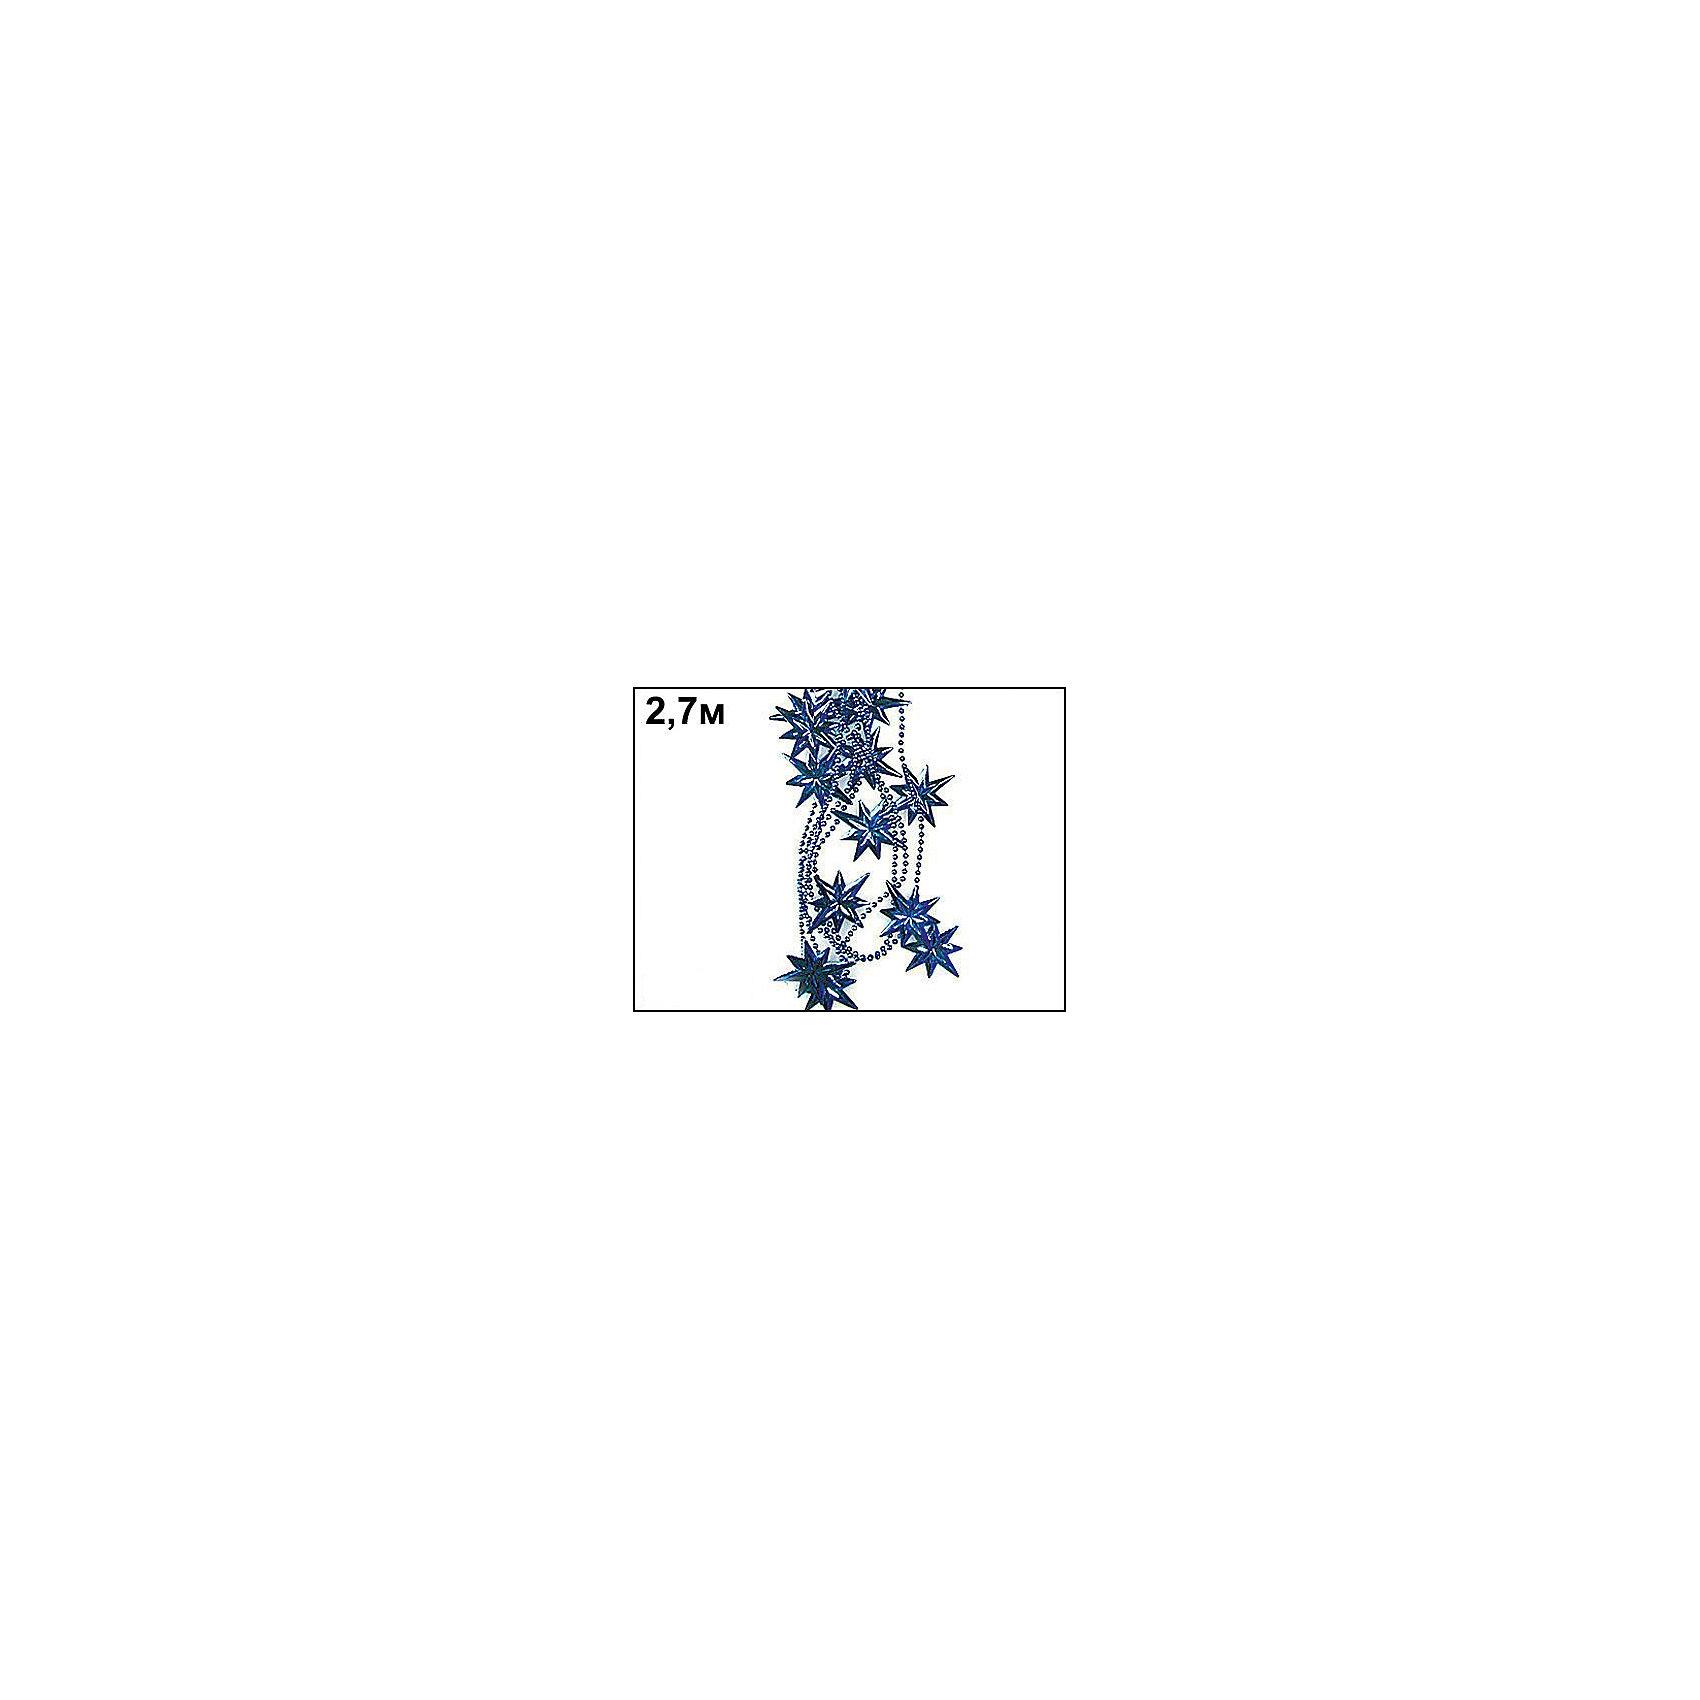 Бусы Кристаллы 2,5 м, Marko FerenzoБусы Кристаллы 2,5 м, Marko Ferenzo (Марко Ферензо) – это великолепное украшение придаст елке особое очарование.<br>Нарядные синие бусы, украшенные крупными кристаллам, от Marko Ferenzo (Марко Ферензо) прекрасно подойдут для декорирования елки и будут идеально сочетаться с огоньками и другими игрушками. Бусы можно использовать не только для того, что бы нарядить зеленую красавицу, ими можно украсить детали интерьера: торшер, полку, всевозможные переключатели и ручки. Украсив елку и предметы интерьера этими бусами, вы создадите атмосферу фантастического праздника. Торговая марка «Marko Ferenzo» (Марко Ферензо) – это стиль, красочность, оригинальность и качество, которому можно доверять!<br><br>Дополнительная информация:<br><br>- Длина: 2,5 м.<br>- Цвет: синий<br><br>Бусы Кристаллы 2,5 м, Marko Ferenzo (Марко Ферензо) можно купить в нашем интернет-магазине.<br><br>Ширина мм: 120<br>Глубина мм: 10<br>Высота мм: 220<br>Вес г: 417<br>Возраст от месяцев: 36<br>Возраст до месяцев: 2147483647<br>Пол: Унисекс<br>Возраст: Детский<br>SKU: 4418939